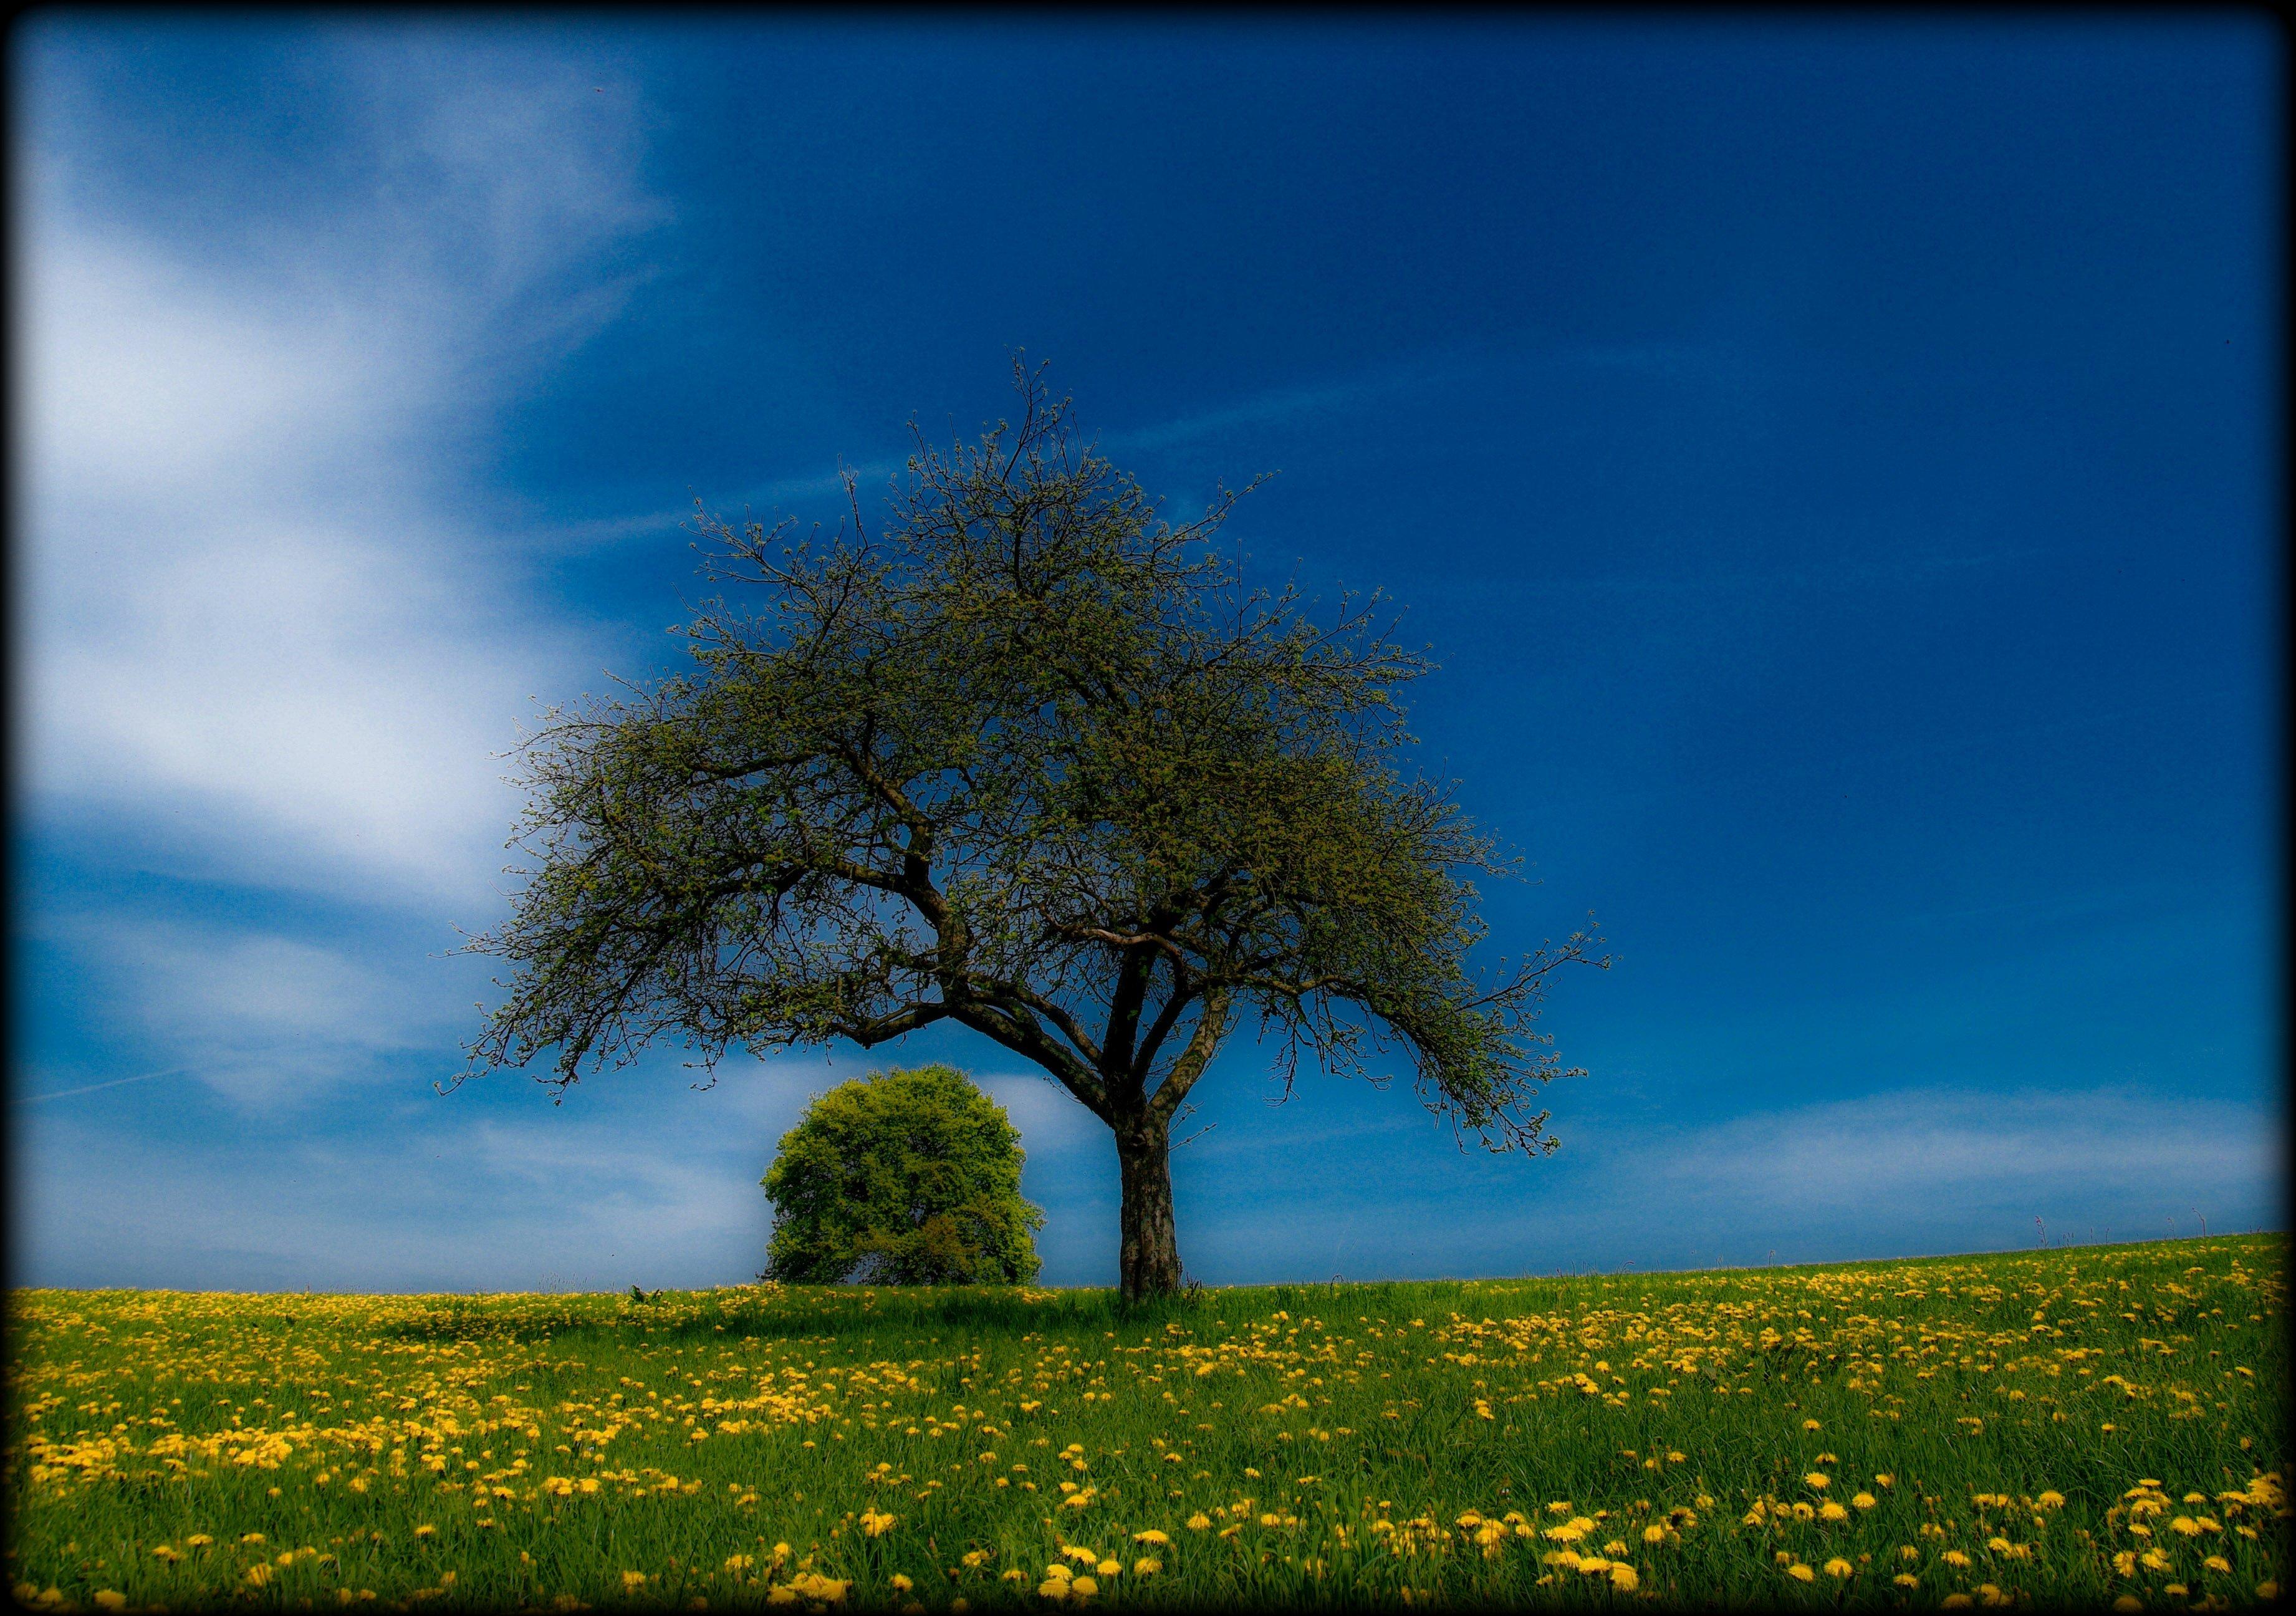 Papel de parede luz solar flores natureza grama cu campo luz solar flores natureza grama cu campo verde manh alemanha dom horizonte primavera nuvem rvore outono thecheapjerseys Choice Image